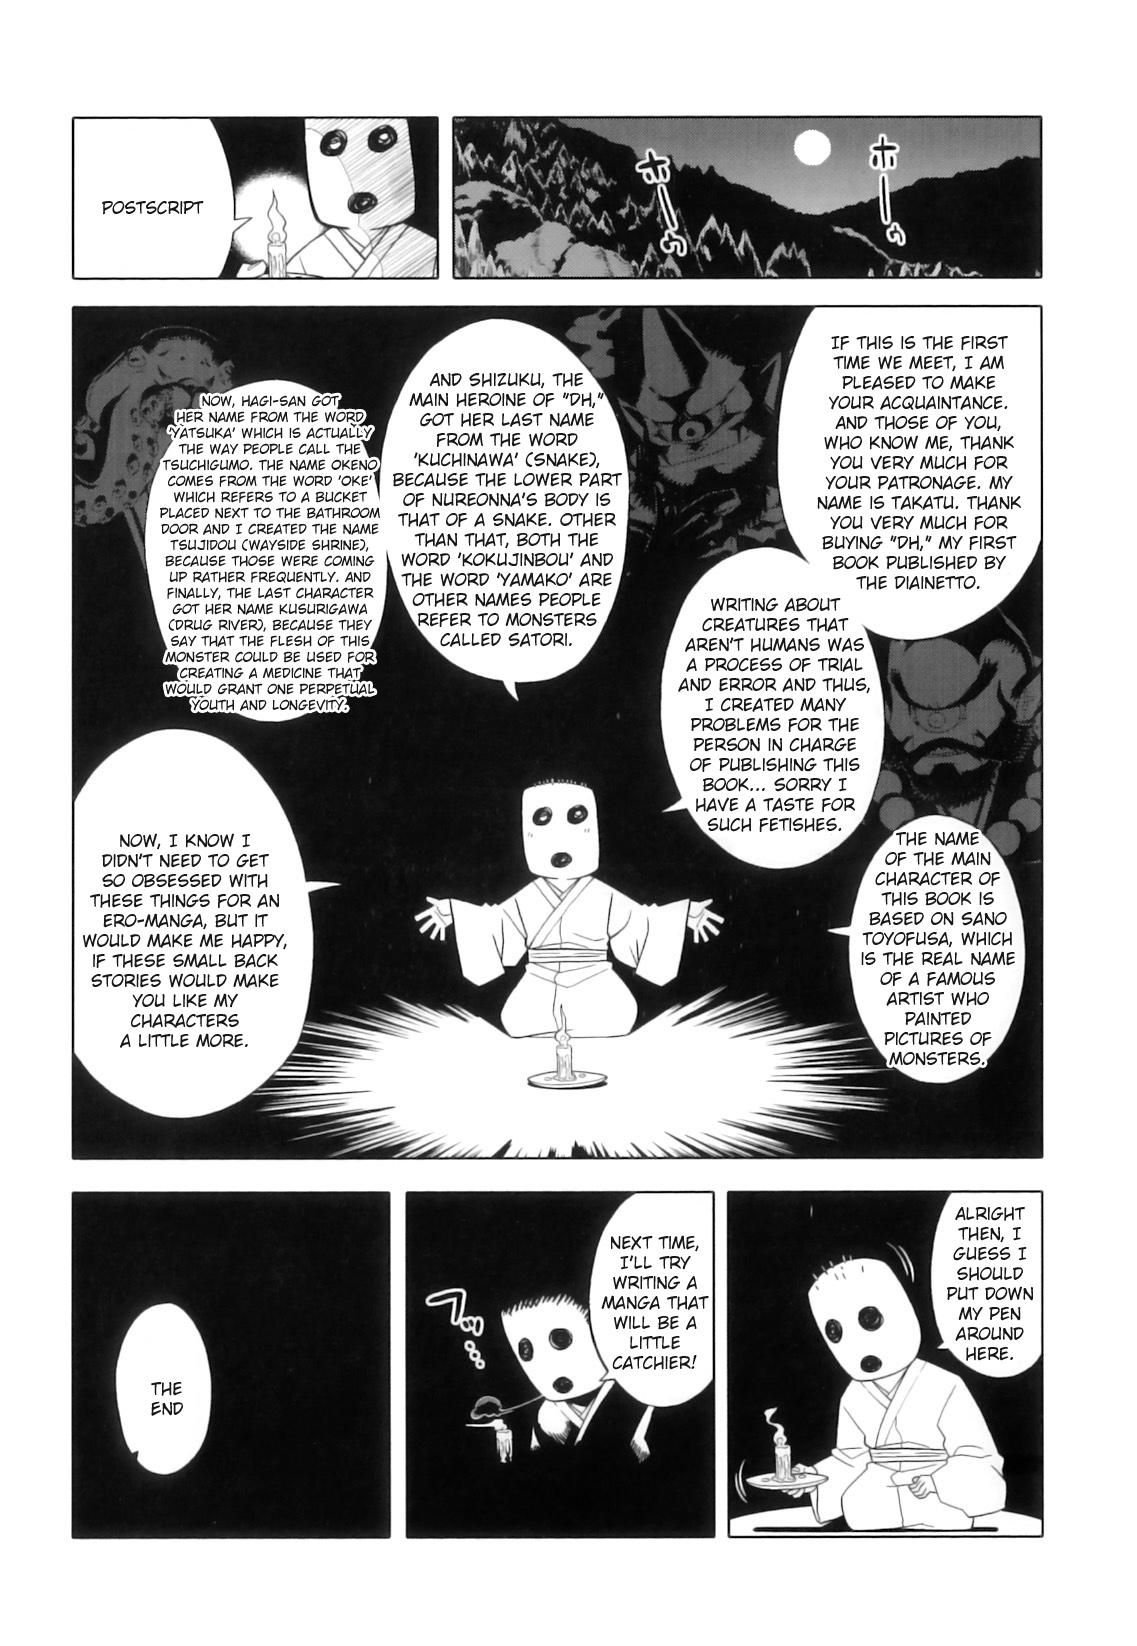 [Takatsu] DH! ~Himorogi Hyaku Yome Gatari~ | Demon-Hentai! - Shrine of One Hundred Wives [English] {doujin-moe.us} 215